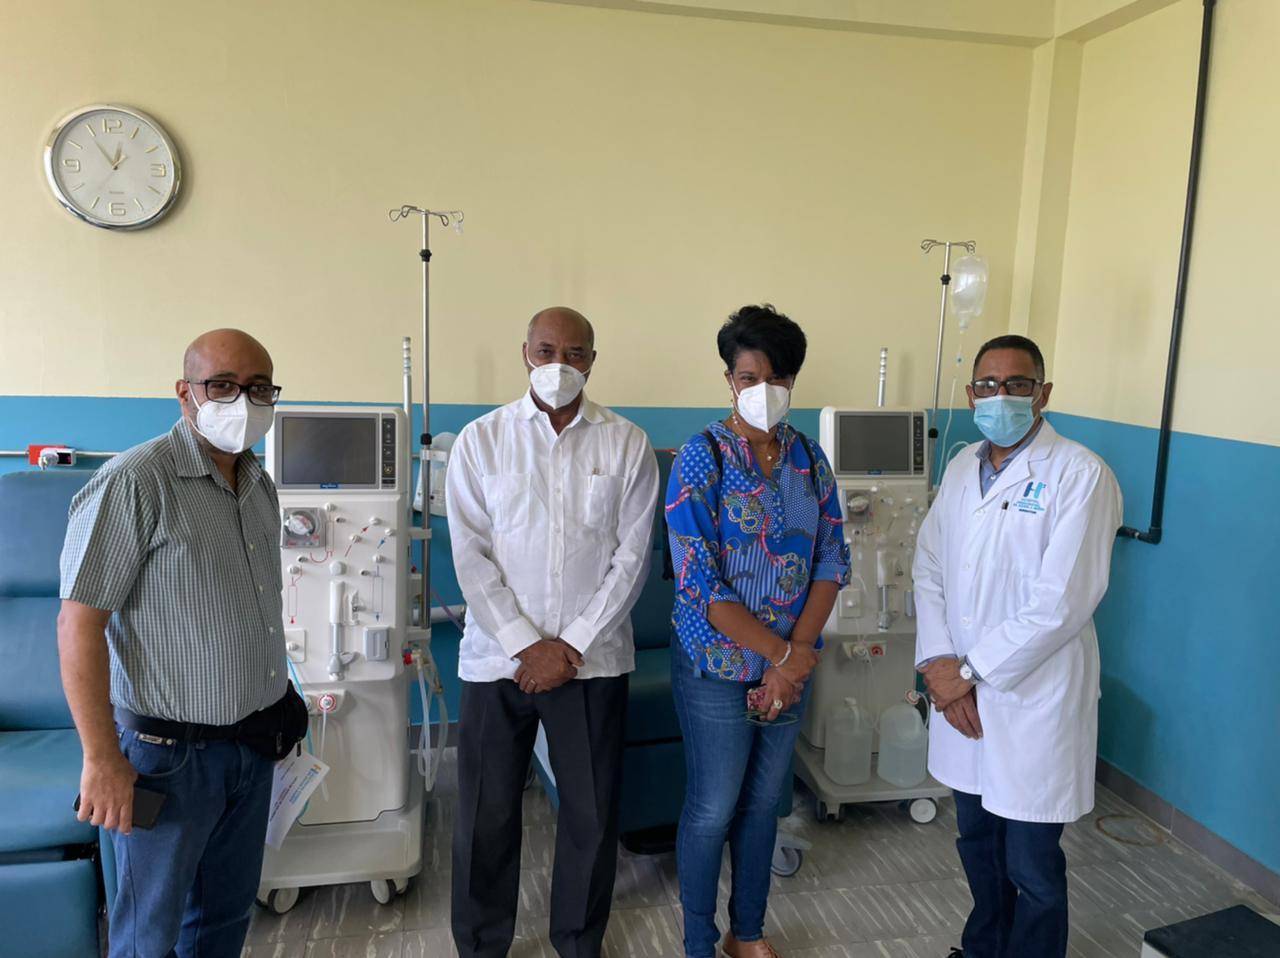 El Hospital Provincial Dr. Rafael J. Mañón inicia la jornada de vacunación en la fase 1C